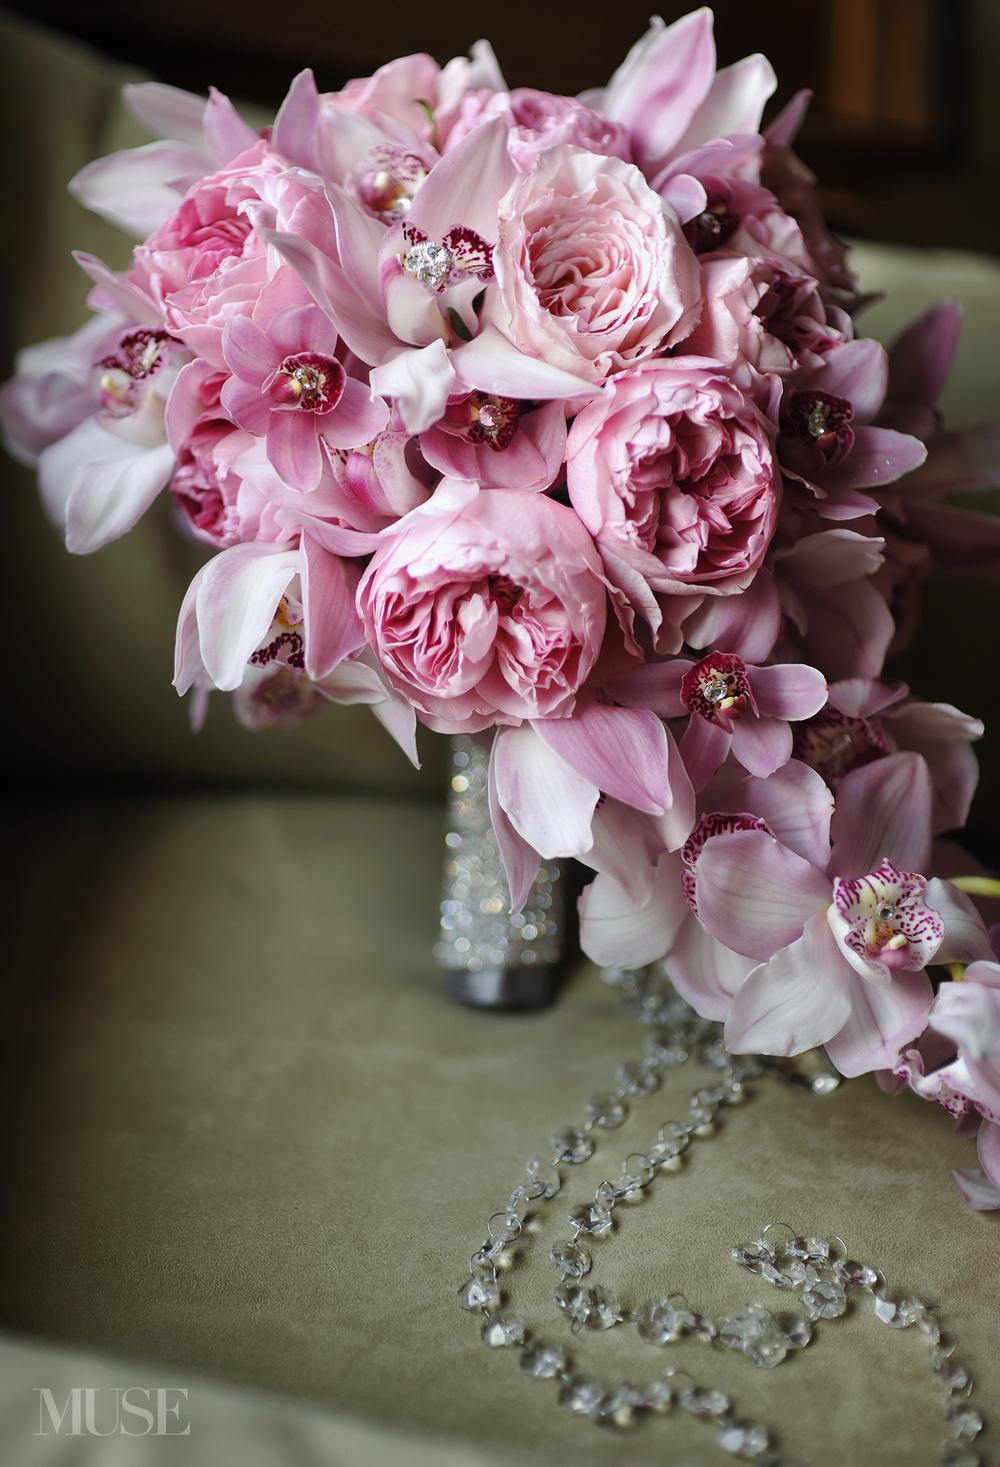 MUSE Bride - Wedding Floral Design